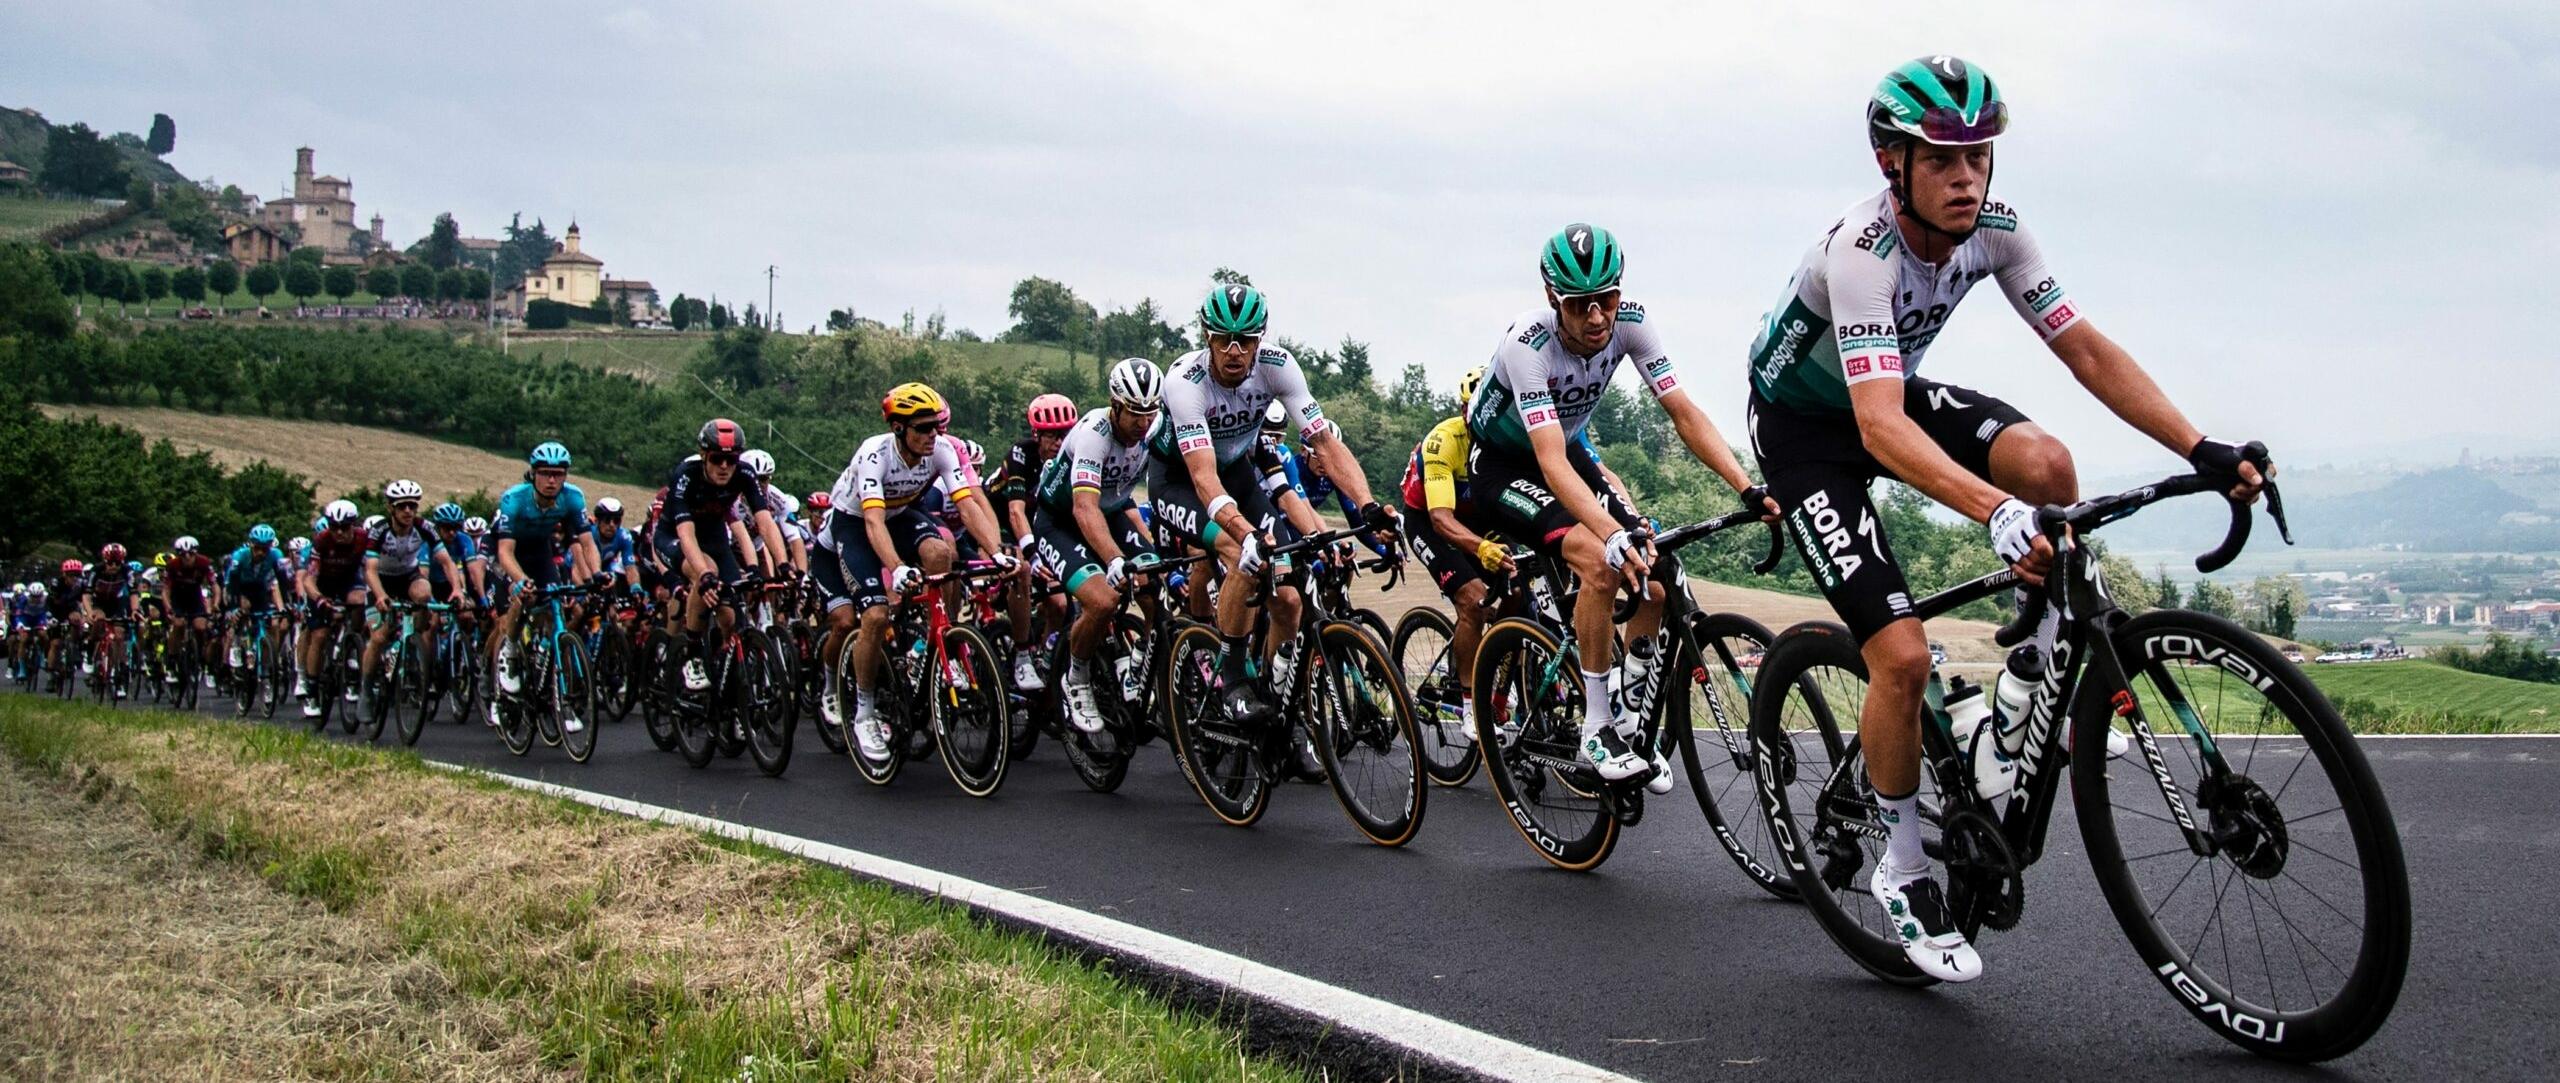 Giro d'Italia 2021: quote, favoriti e possibili sorprese della quarta tappa